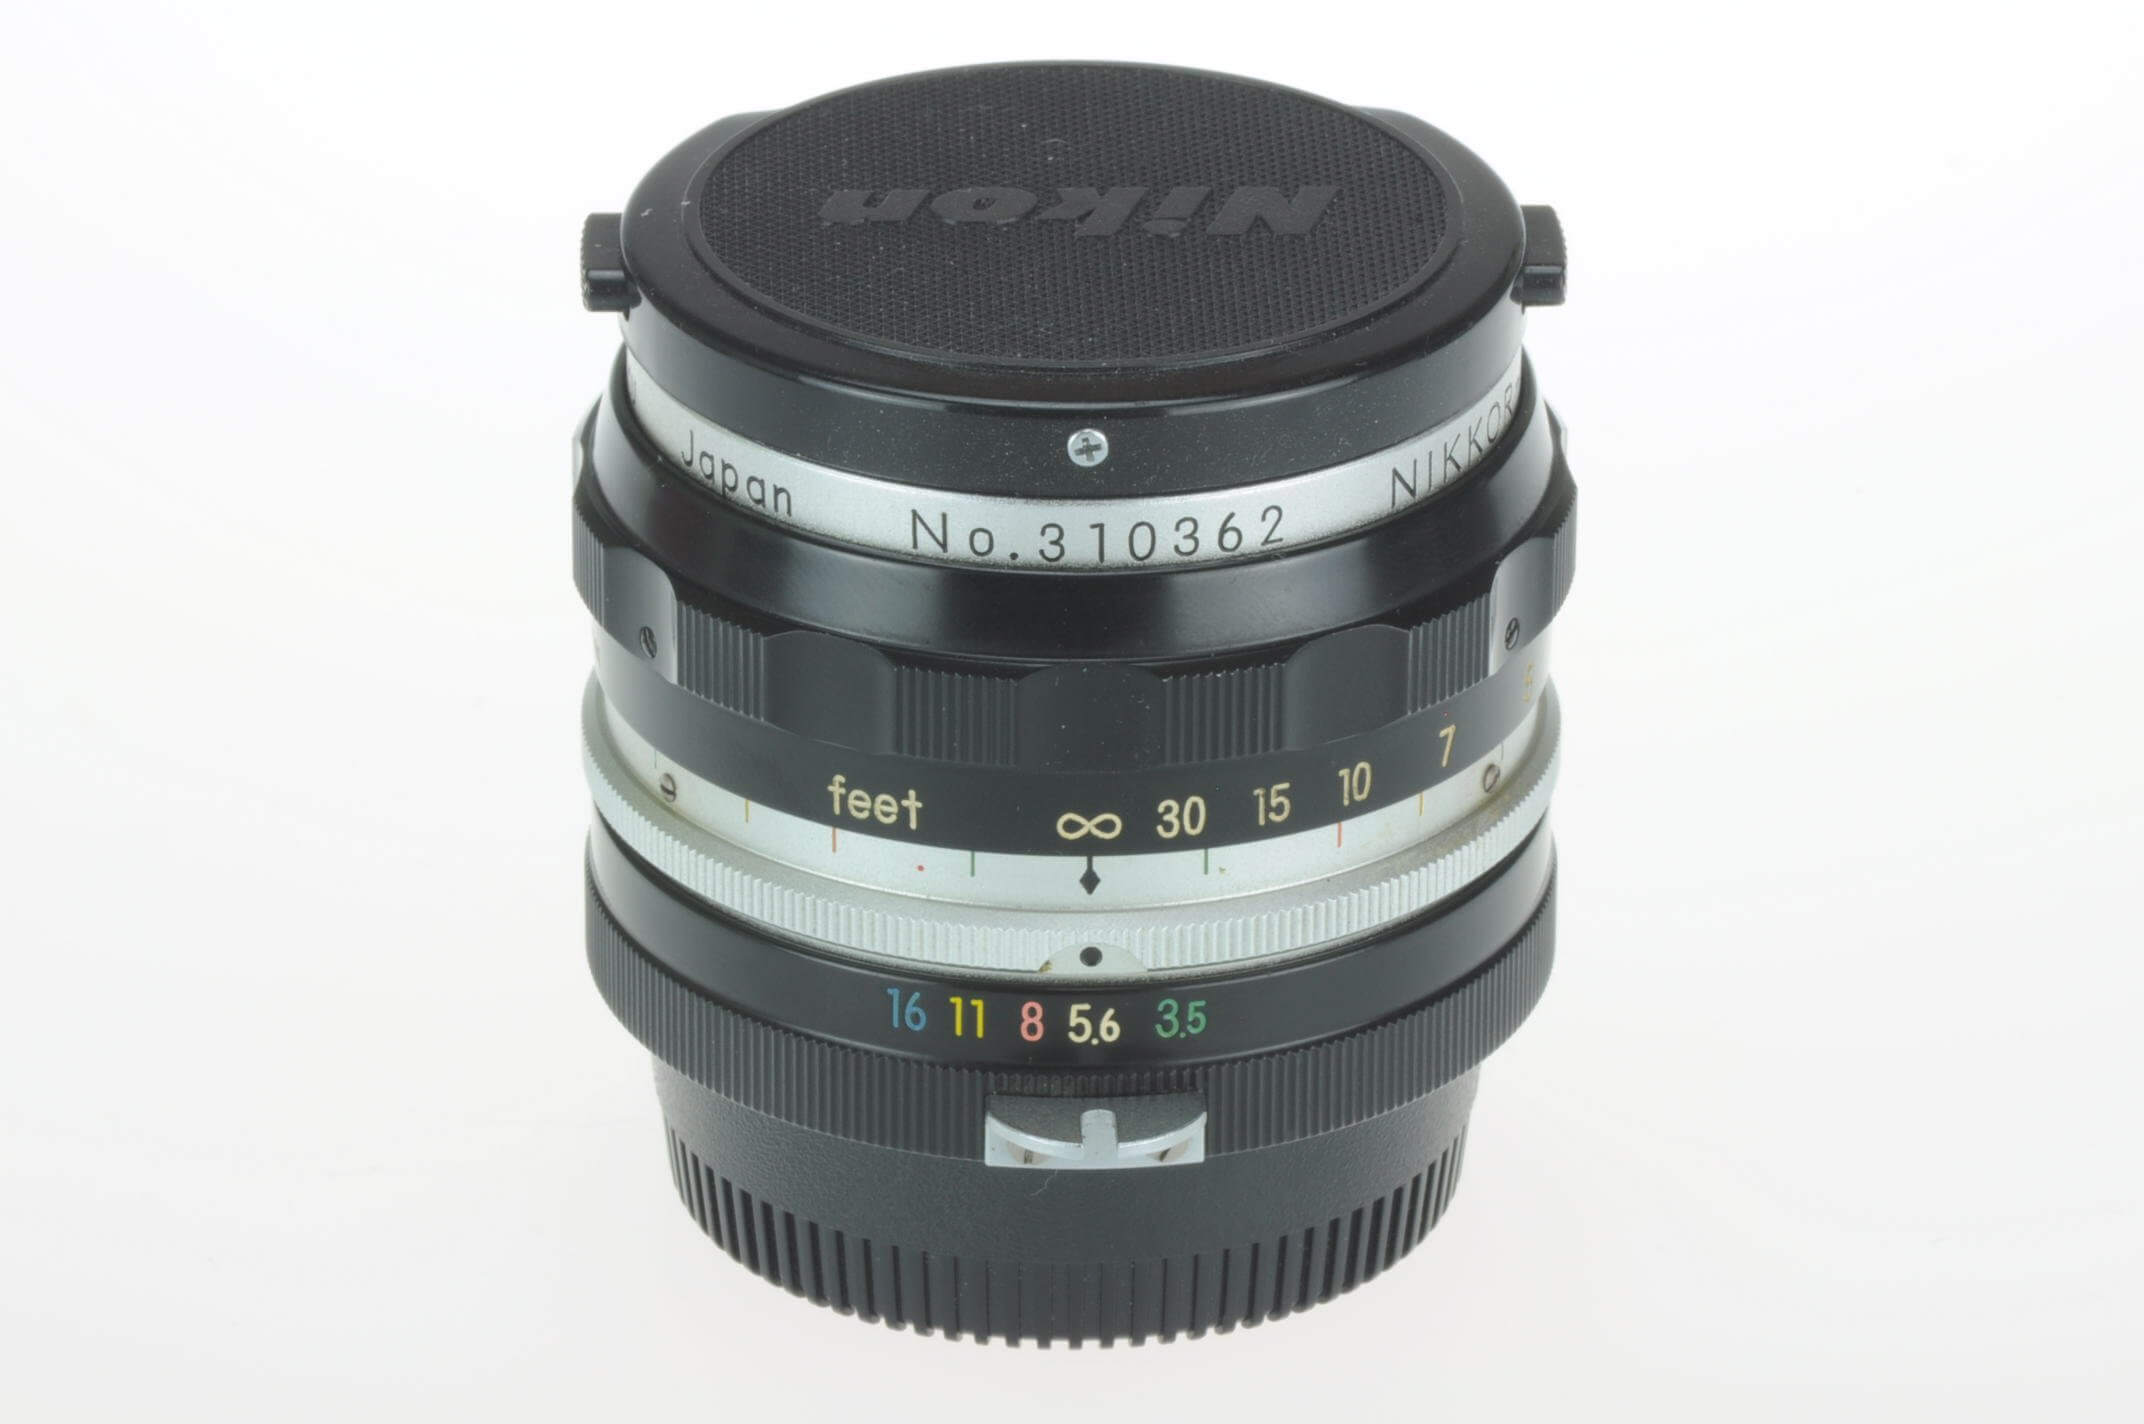 Nikon 2.8cm f3.5 Nikkor pre-AI, gorgeous condition!